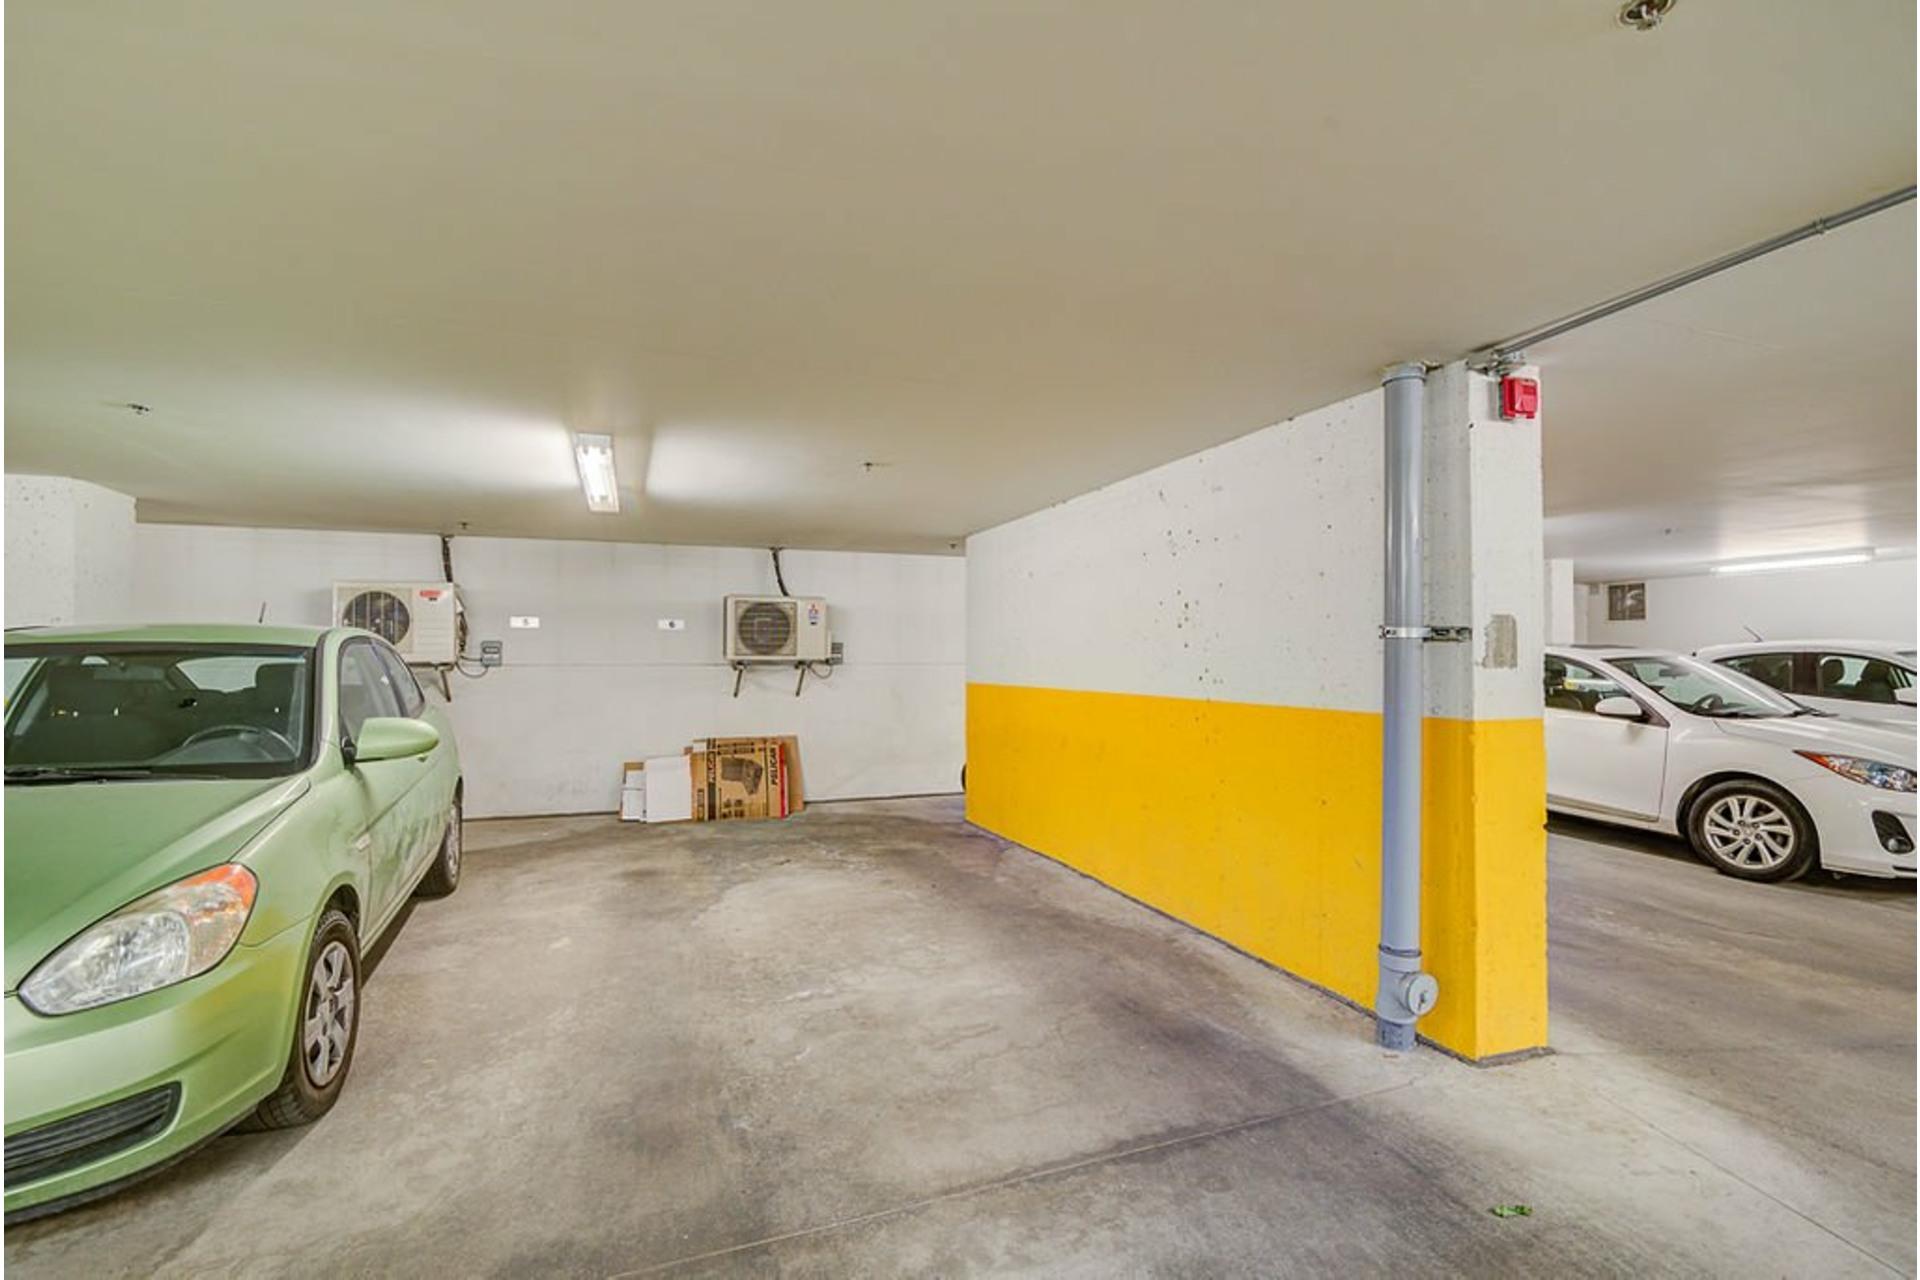 image 33 - Appartement À vendre Villeray/Saint-Michel/Parc-Extension Montréal  - 6 pièces